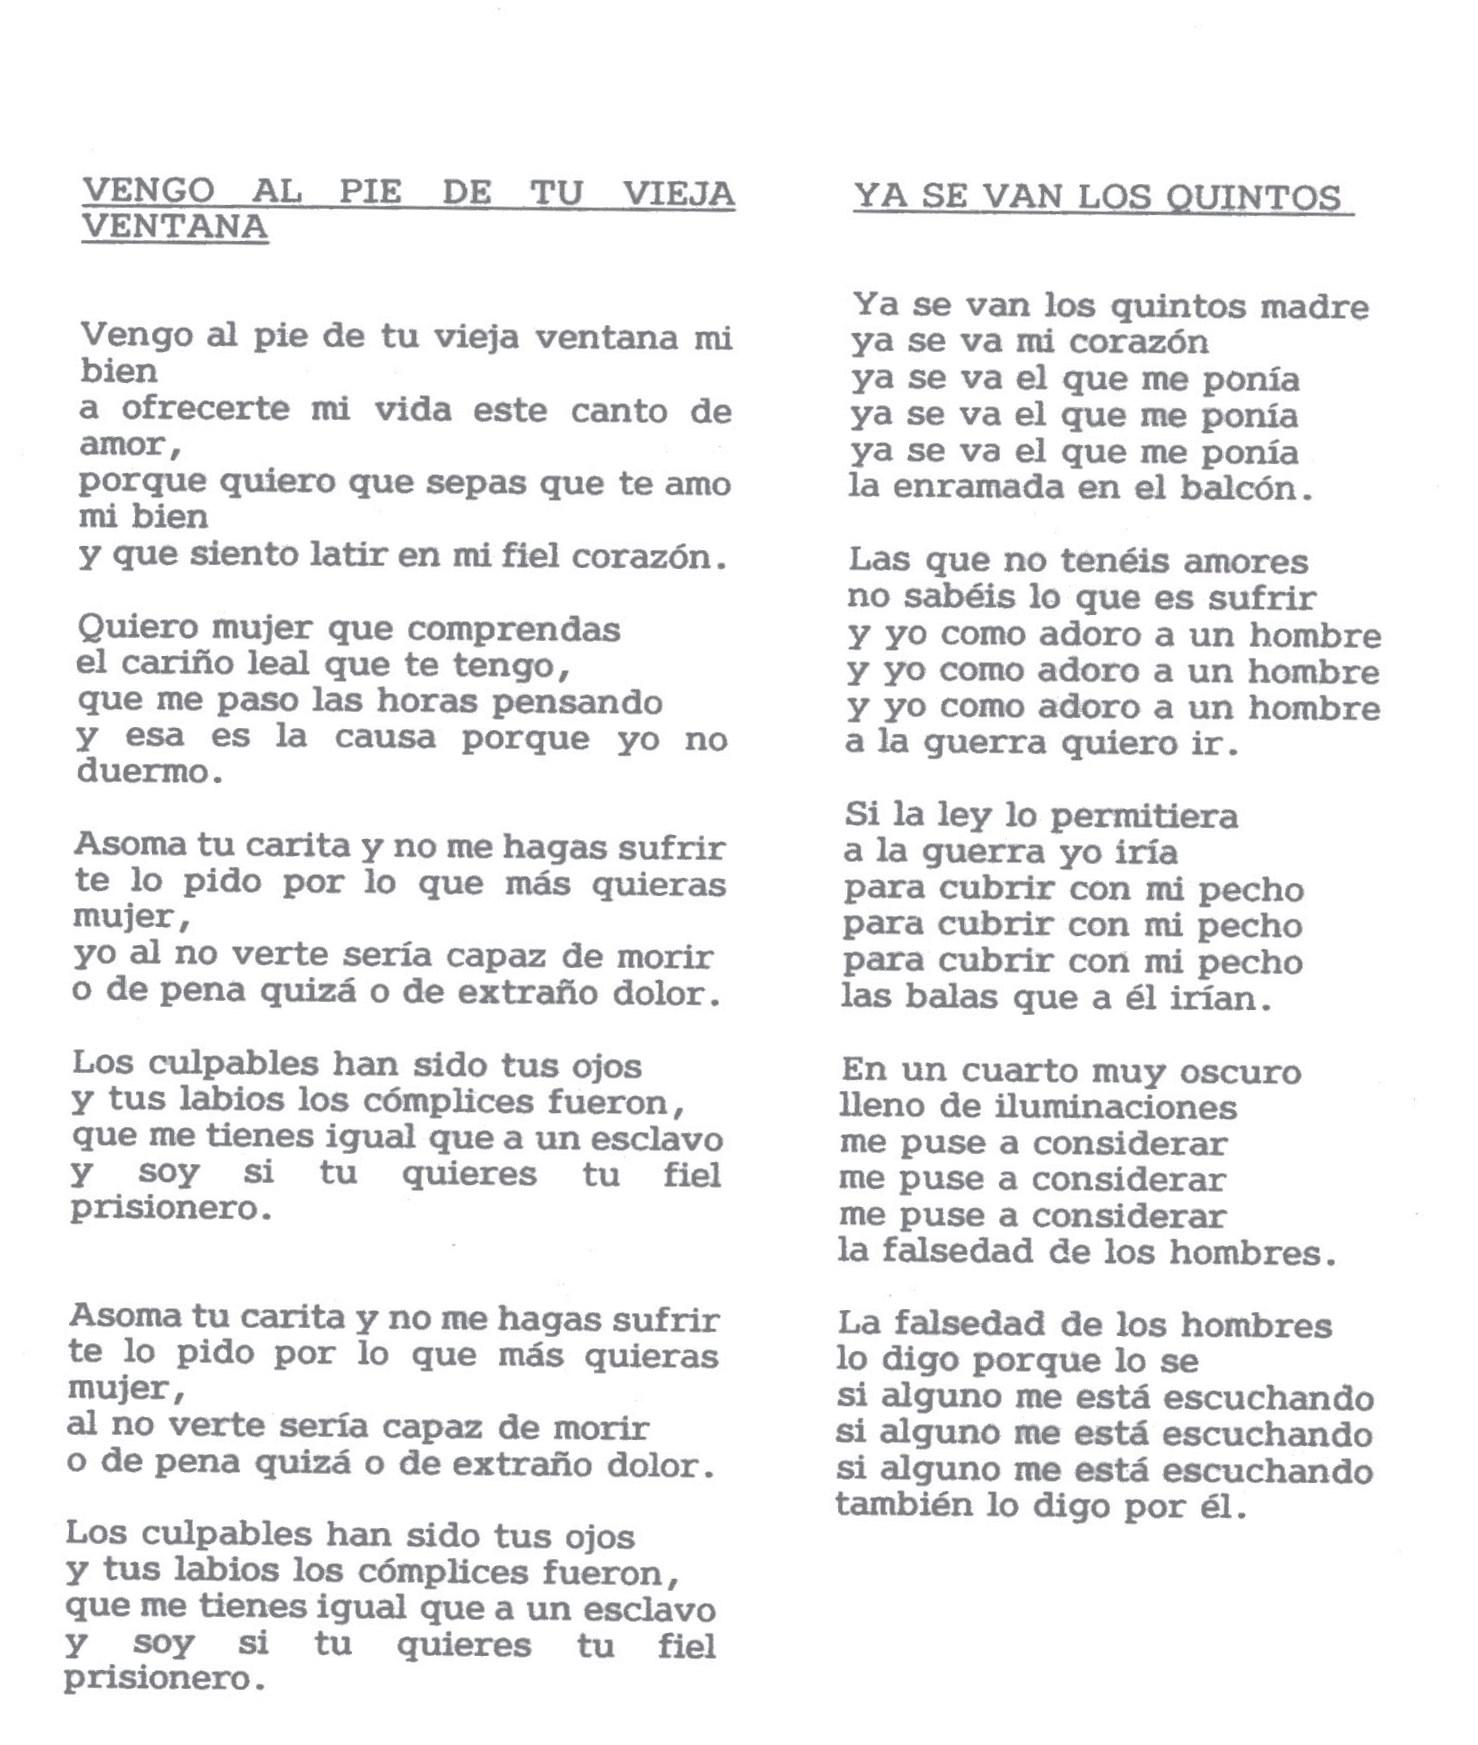 letra de canciones en ingles y traducidas: